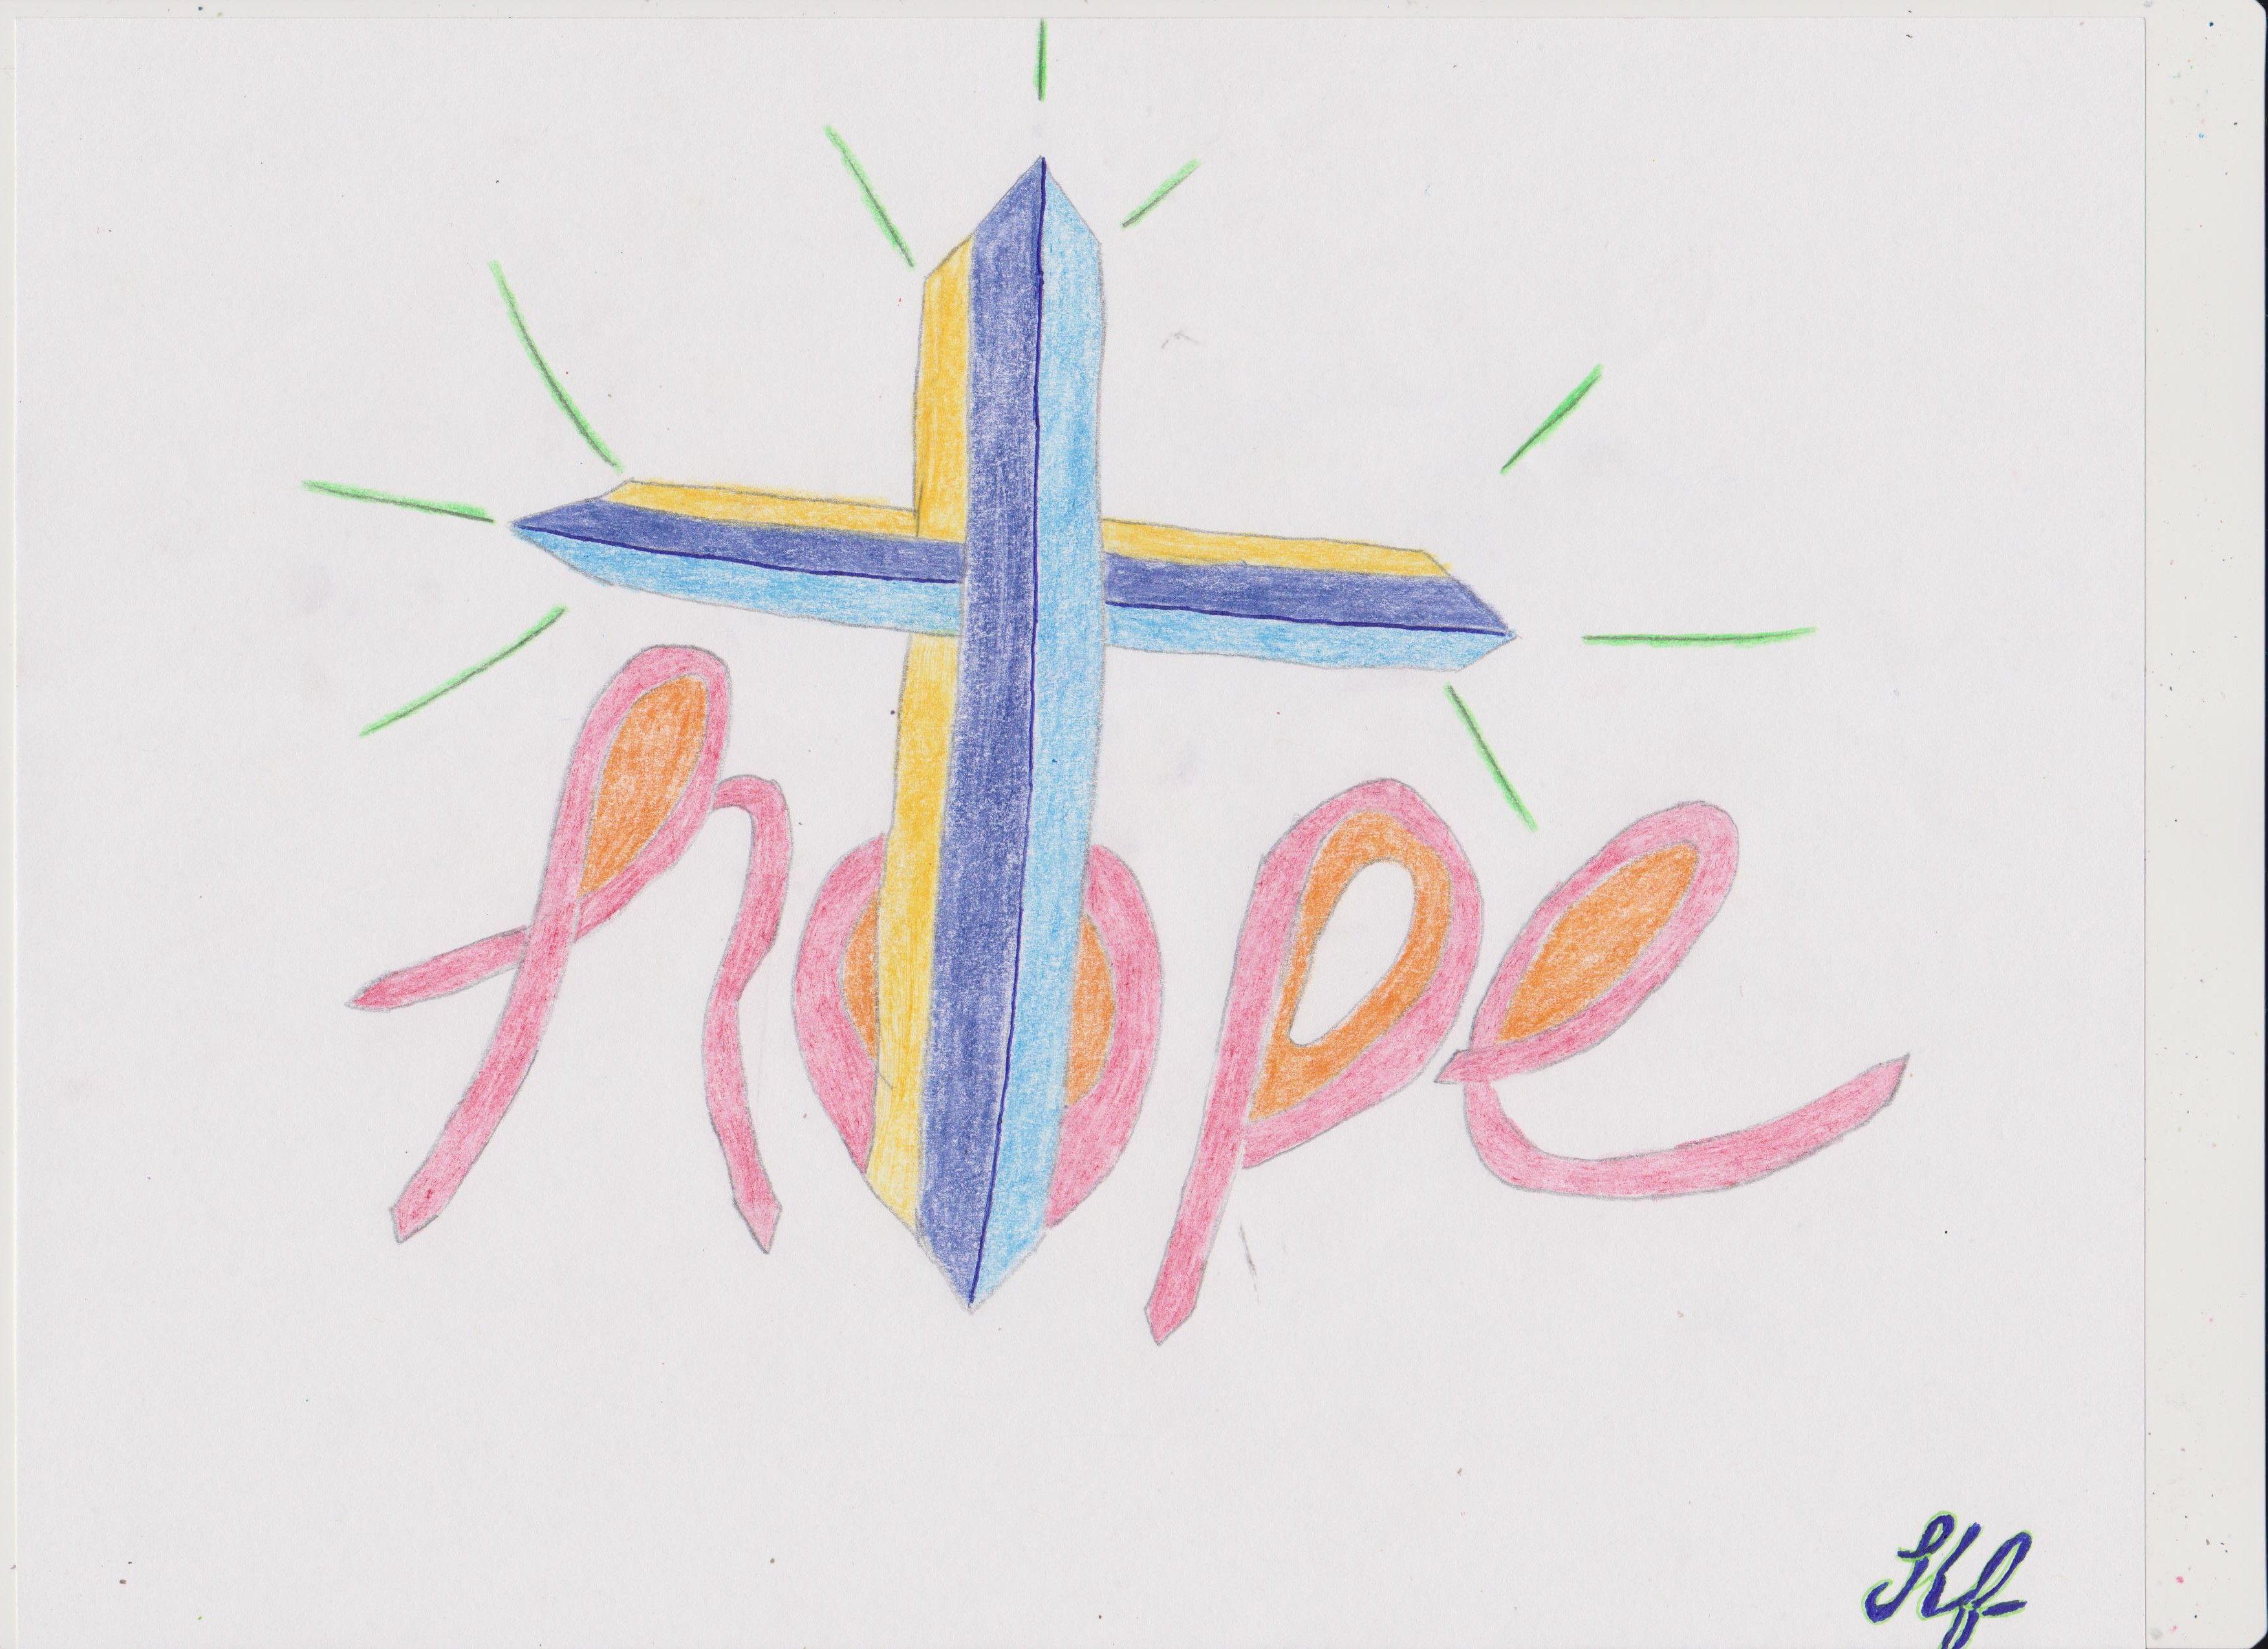 ( HOPE ______ With CROSS ) Graffiti ART ------By Kimberly F